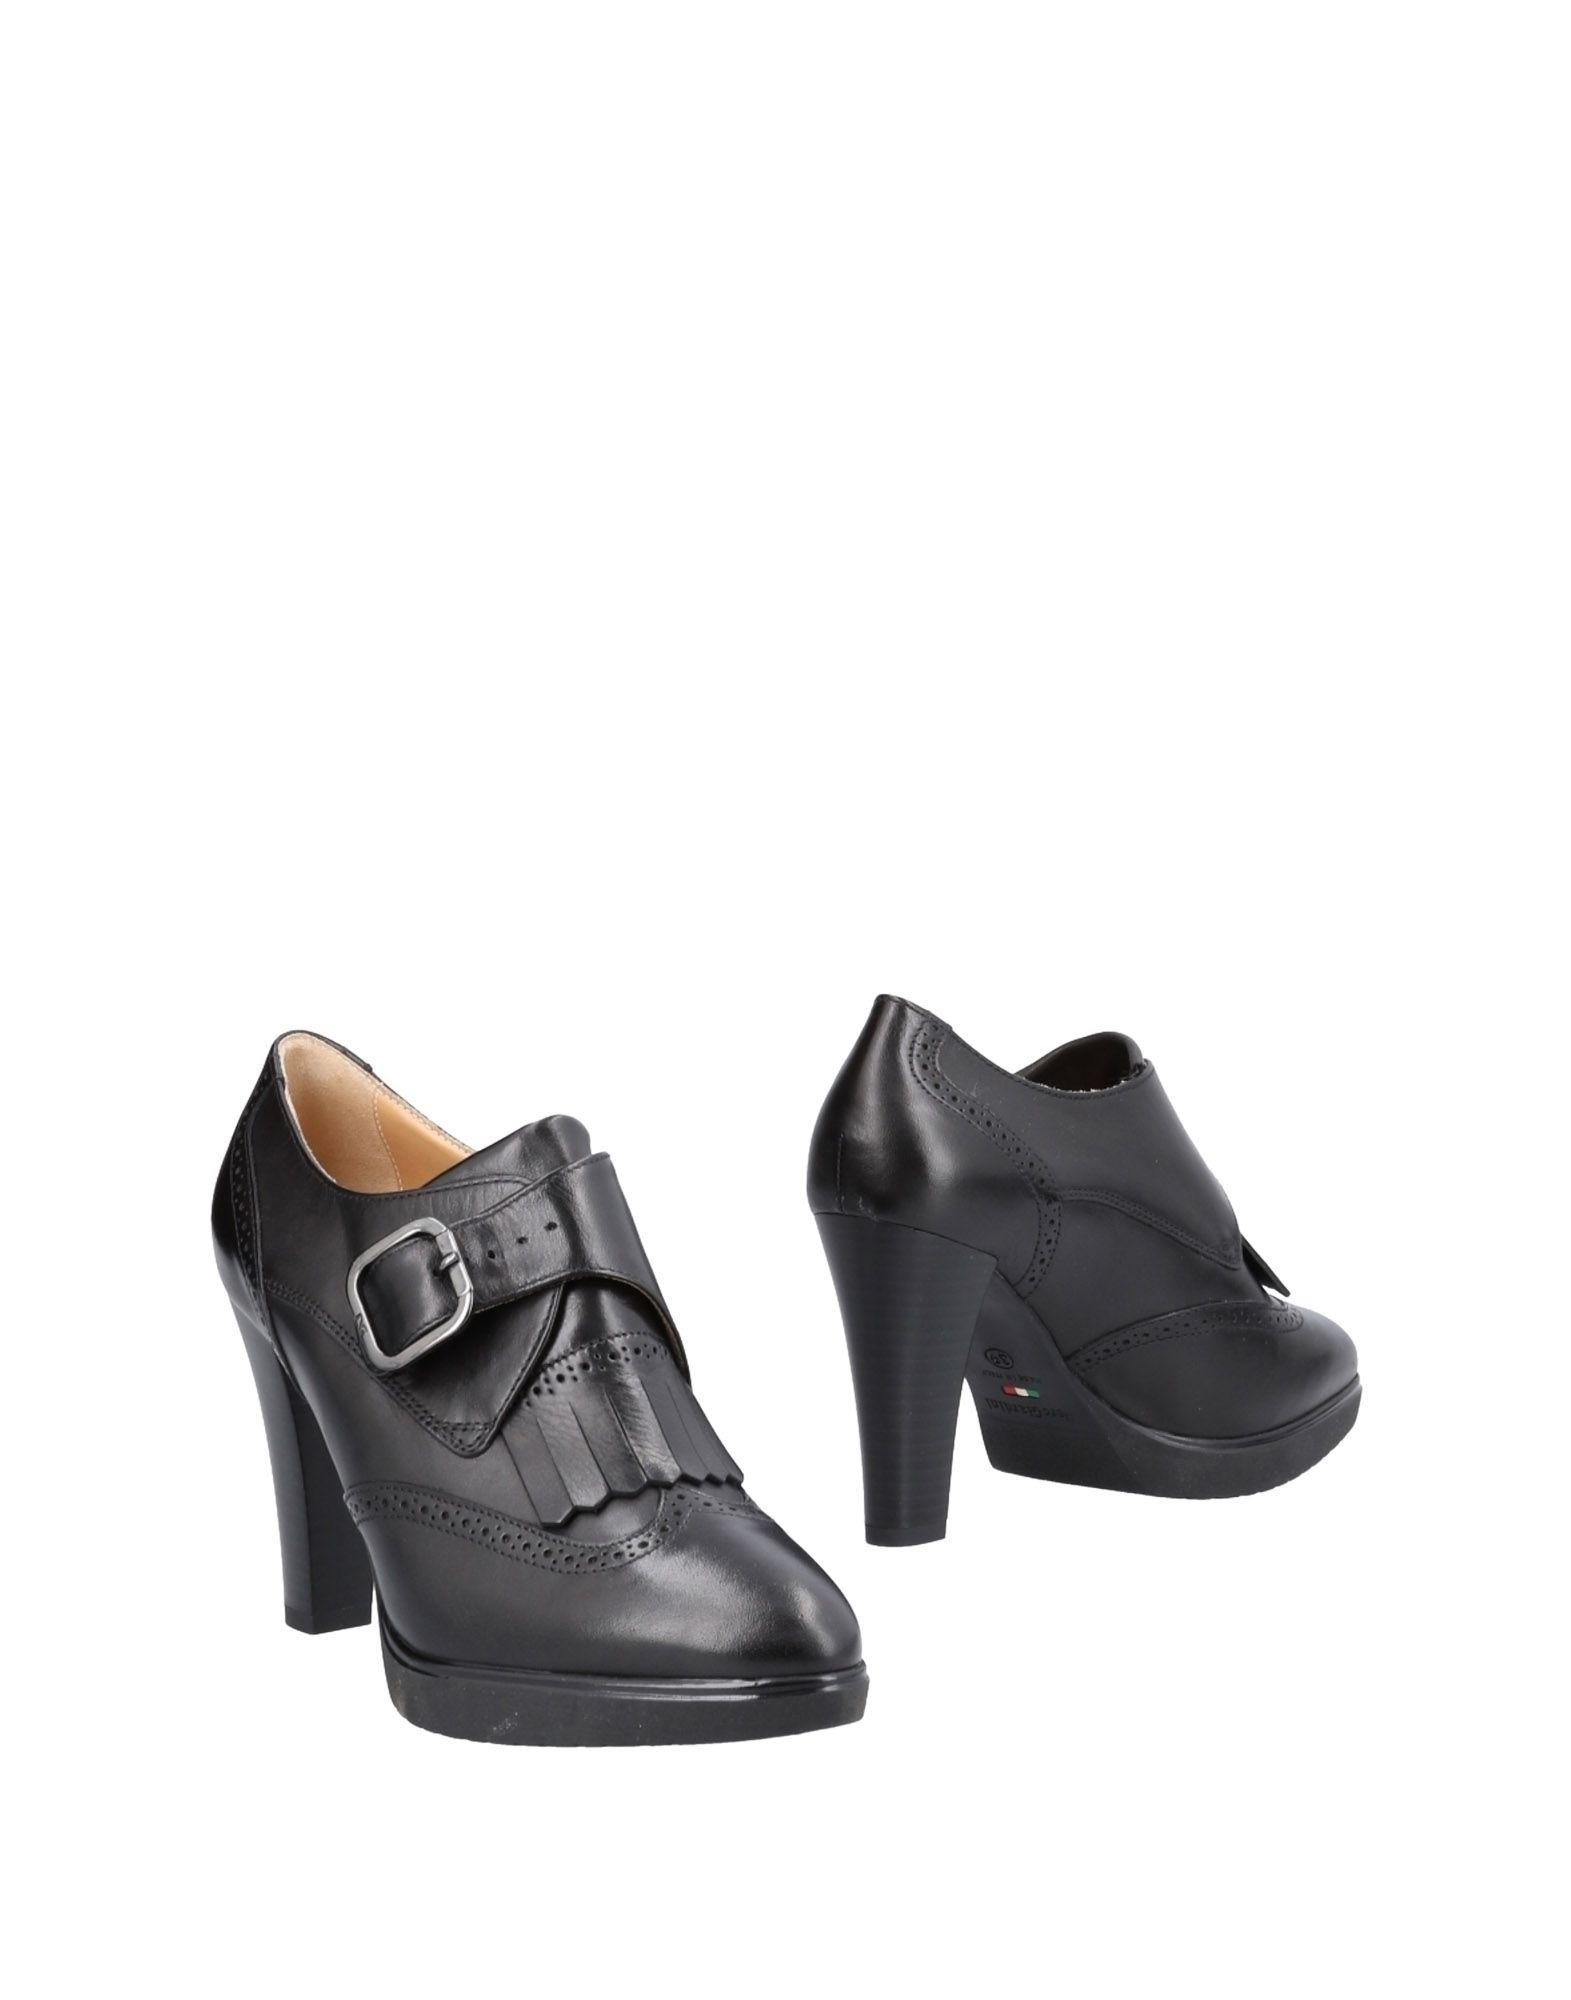 Nero Giardini Stiefelette Damen  Gute 11489100GR Gute  Qualität beliebte Schuhe a8f951